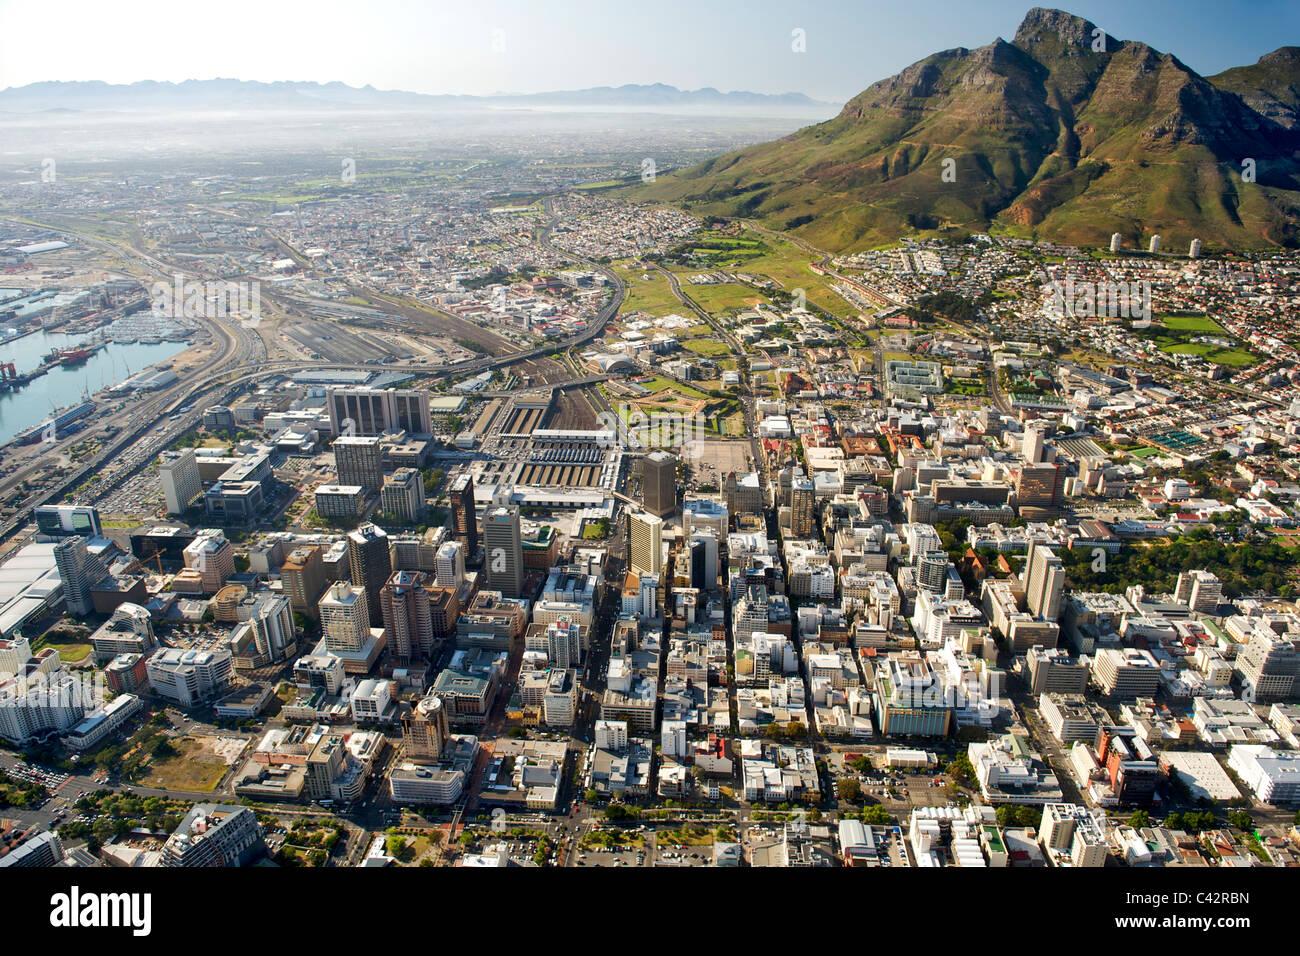 Vista aérea de los edificios de la CDB en Cape Town, Sudáfrica. Imagen De Stock